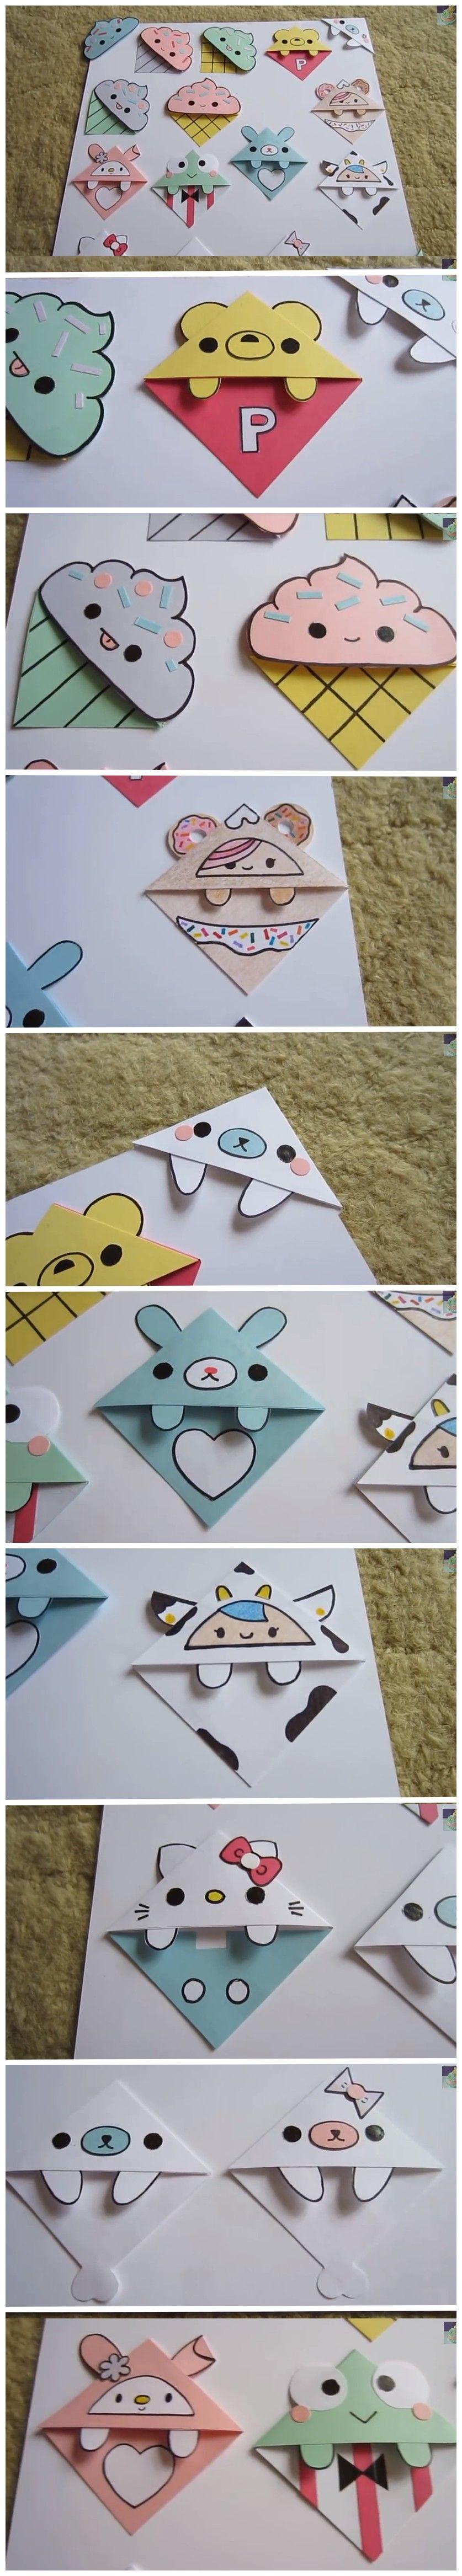 corner bookmarks on pinterest origami bookmark handmade. Black Bedroom Furniture Sets. Home Design Ideas